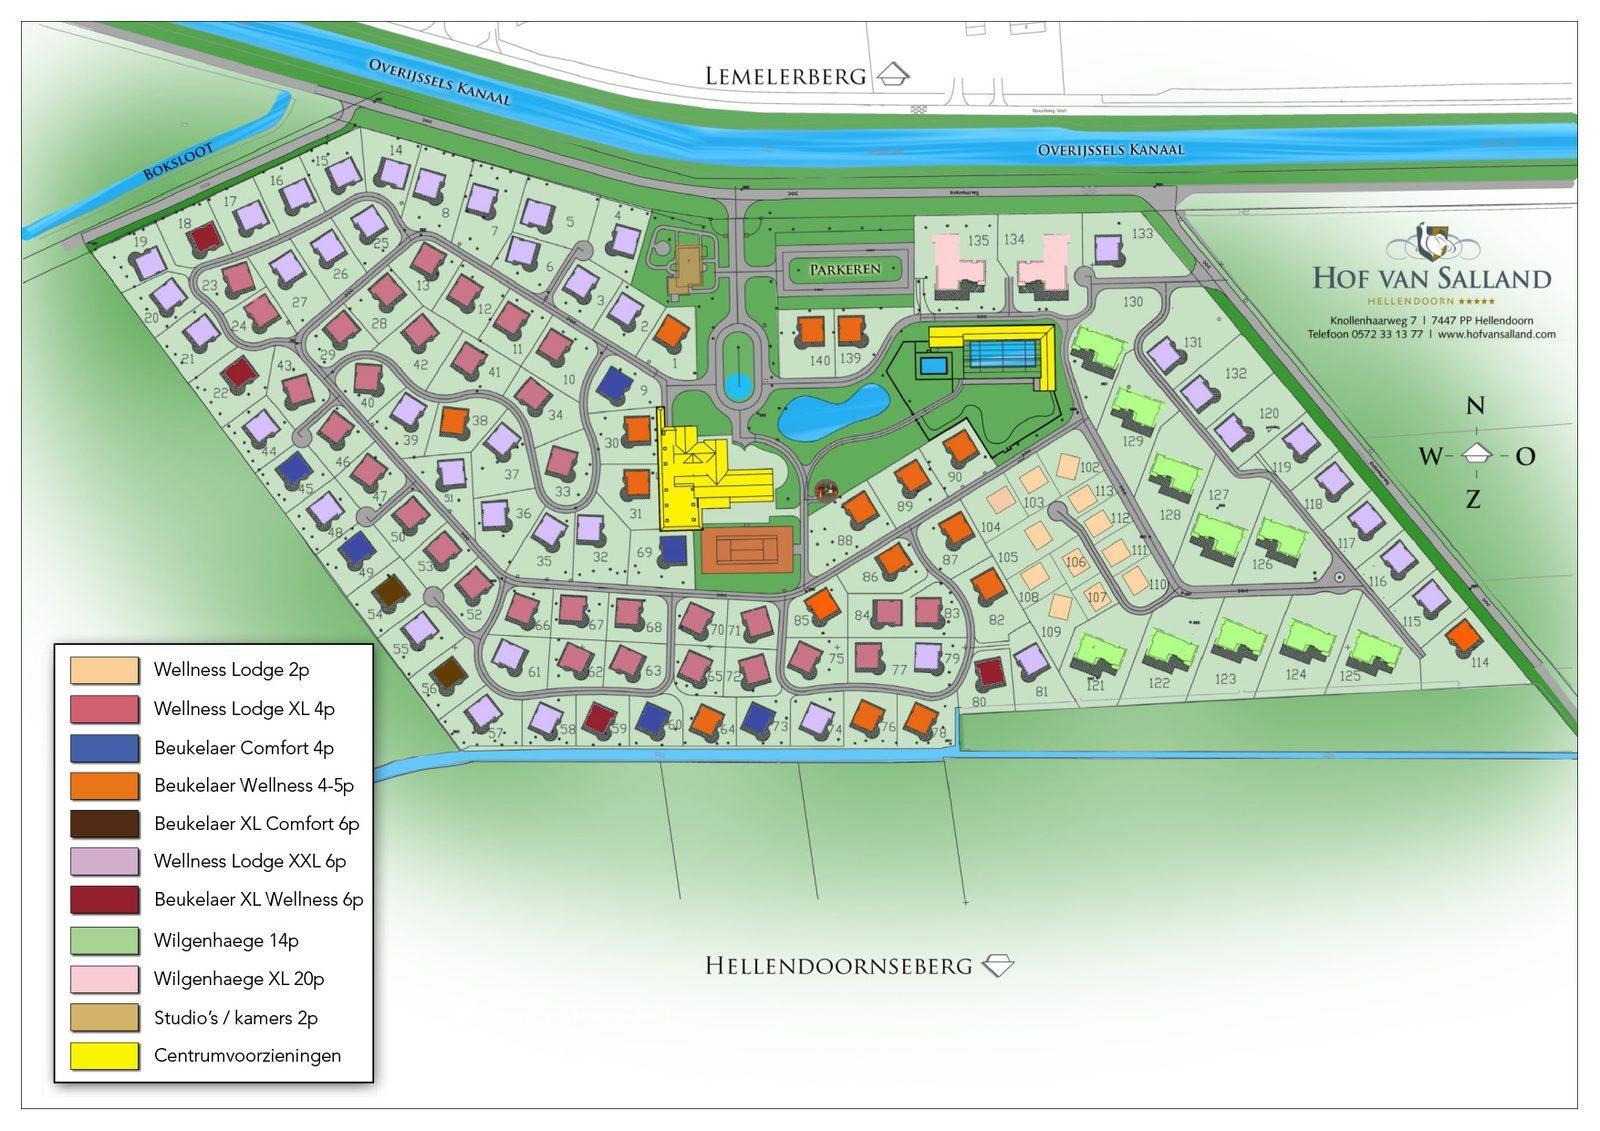 Karte von Hof van Salland